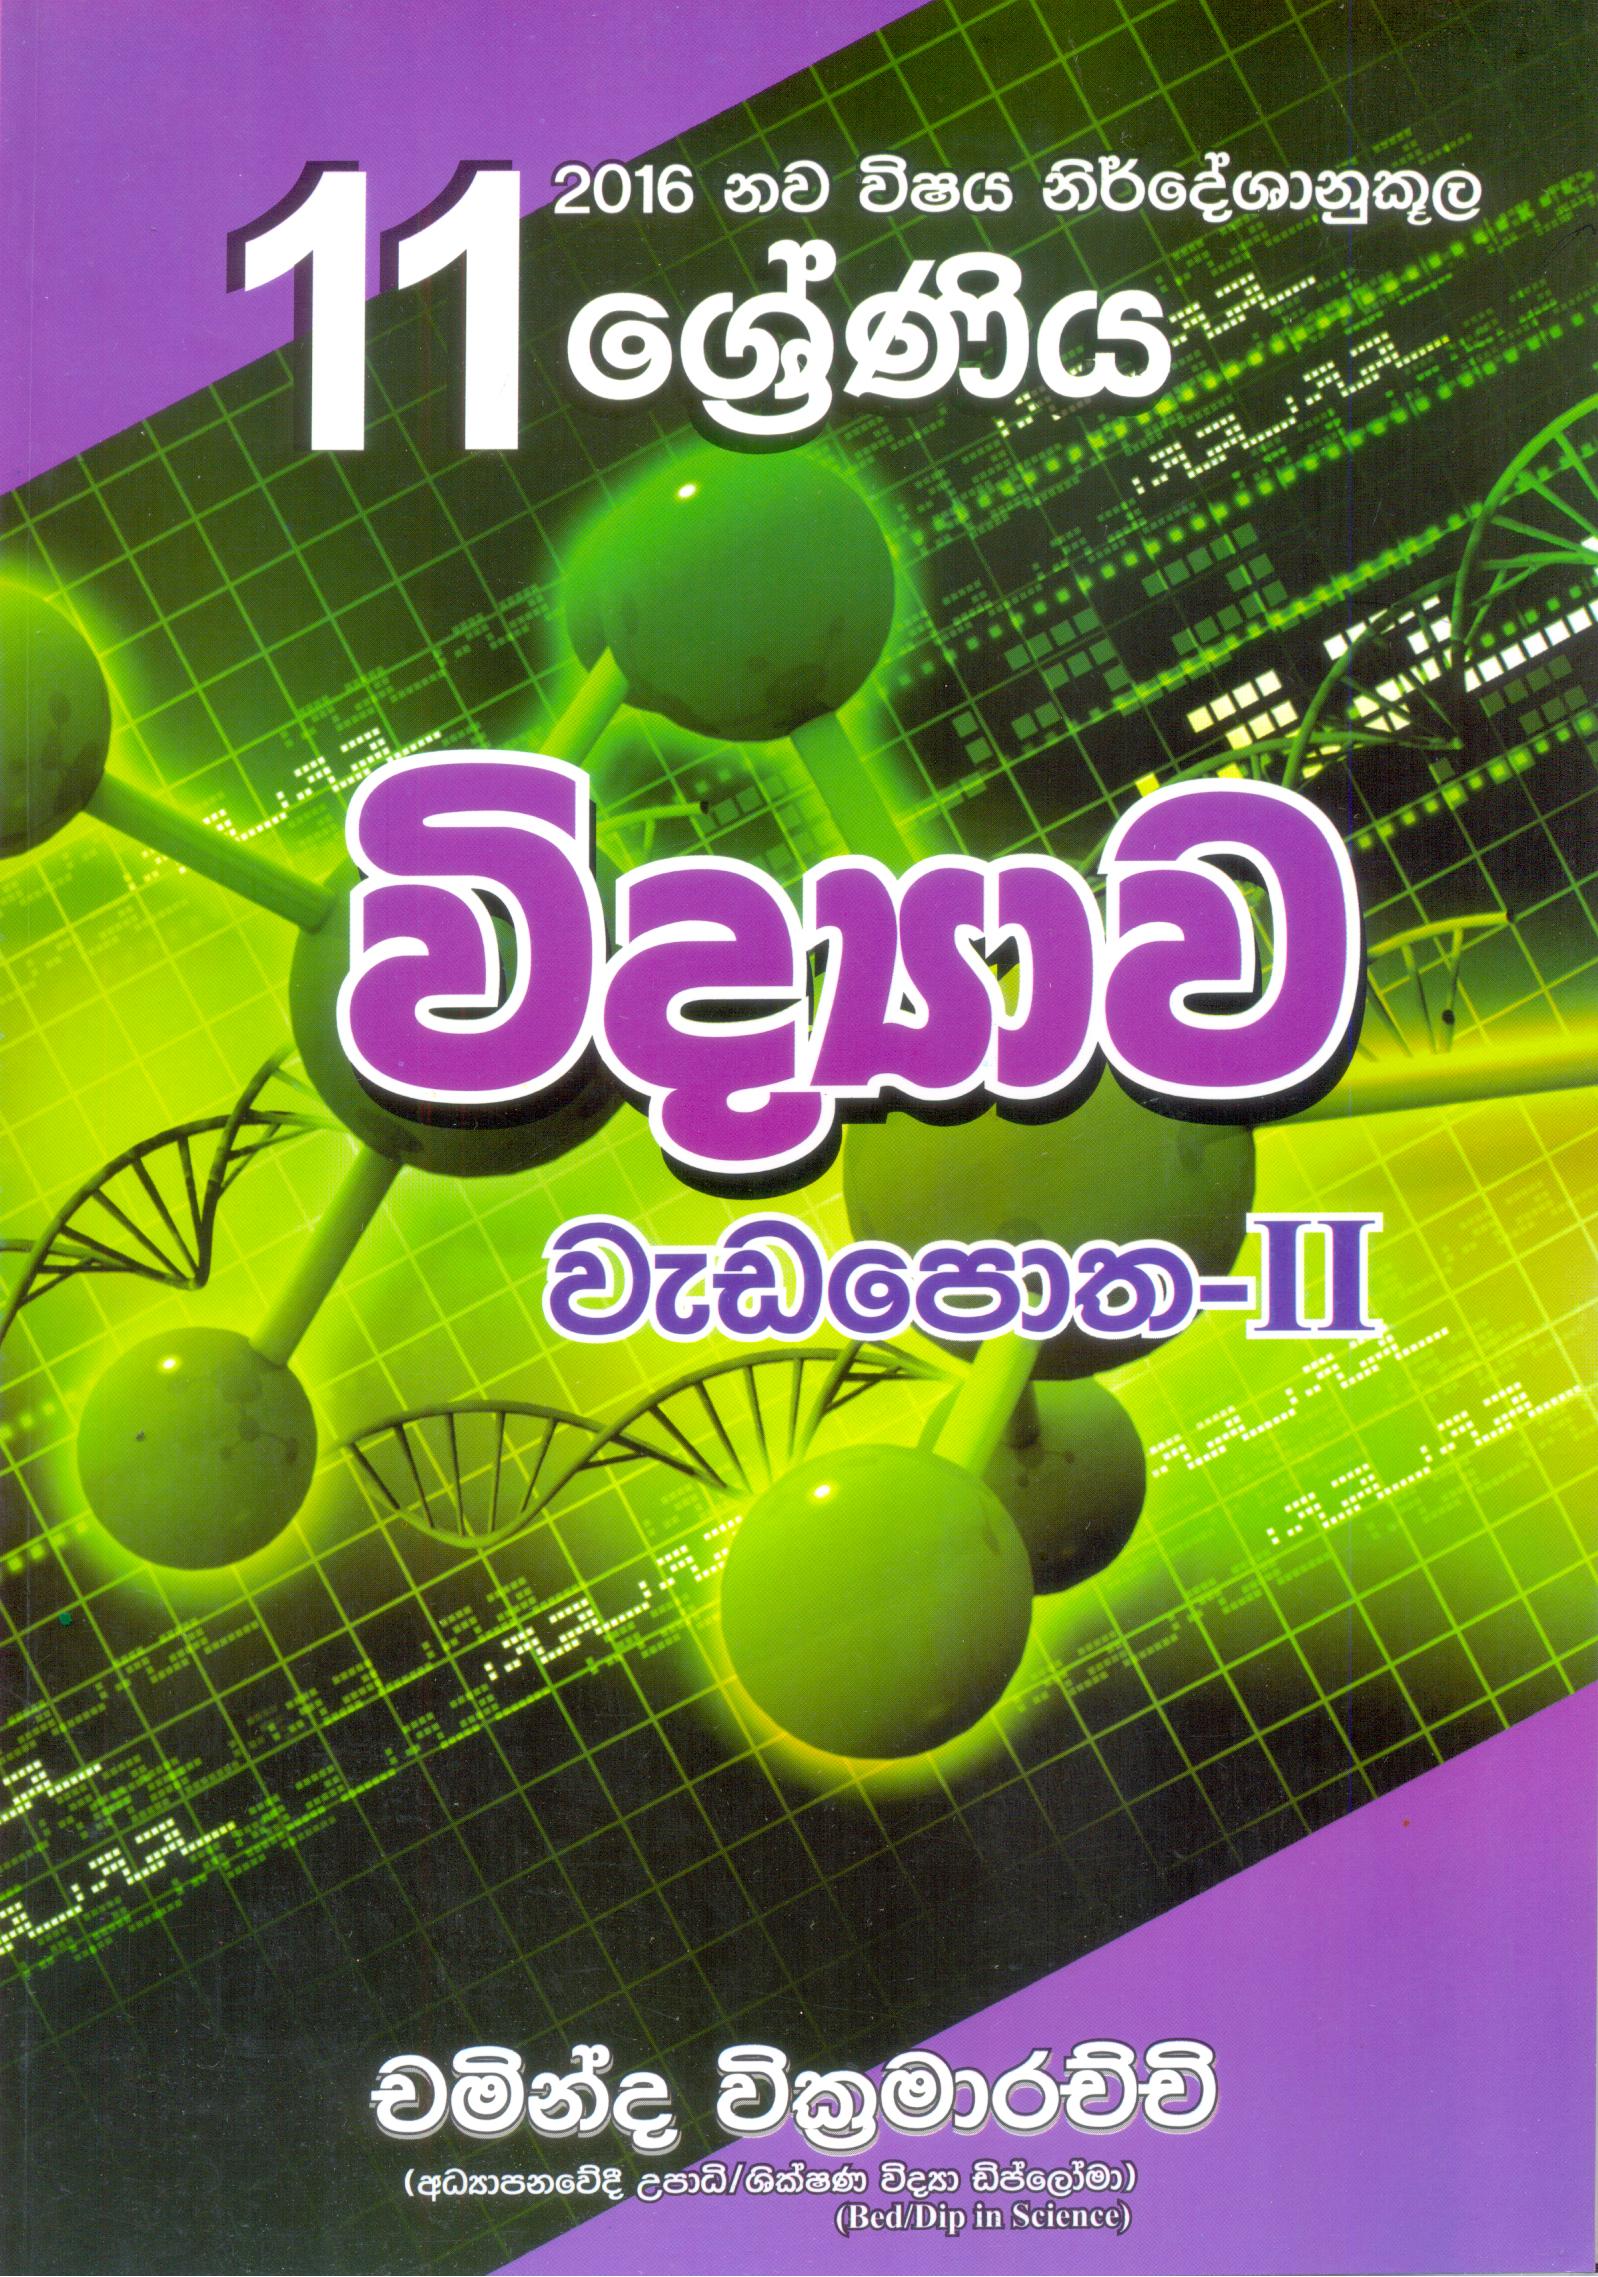 2016 Nawa Vishaya Nirdeshanukoola 11 Shreniya Vidyawa Wadapotha - II